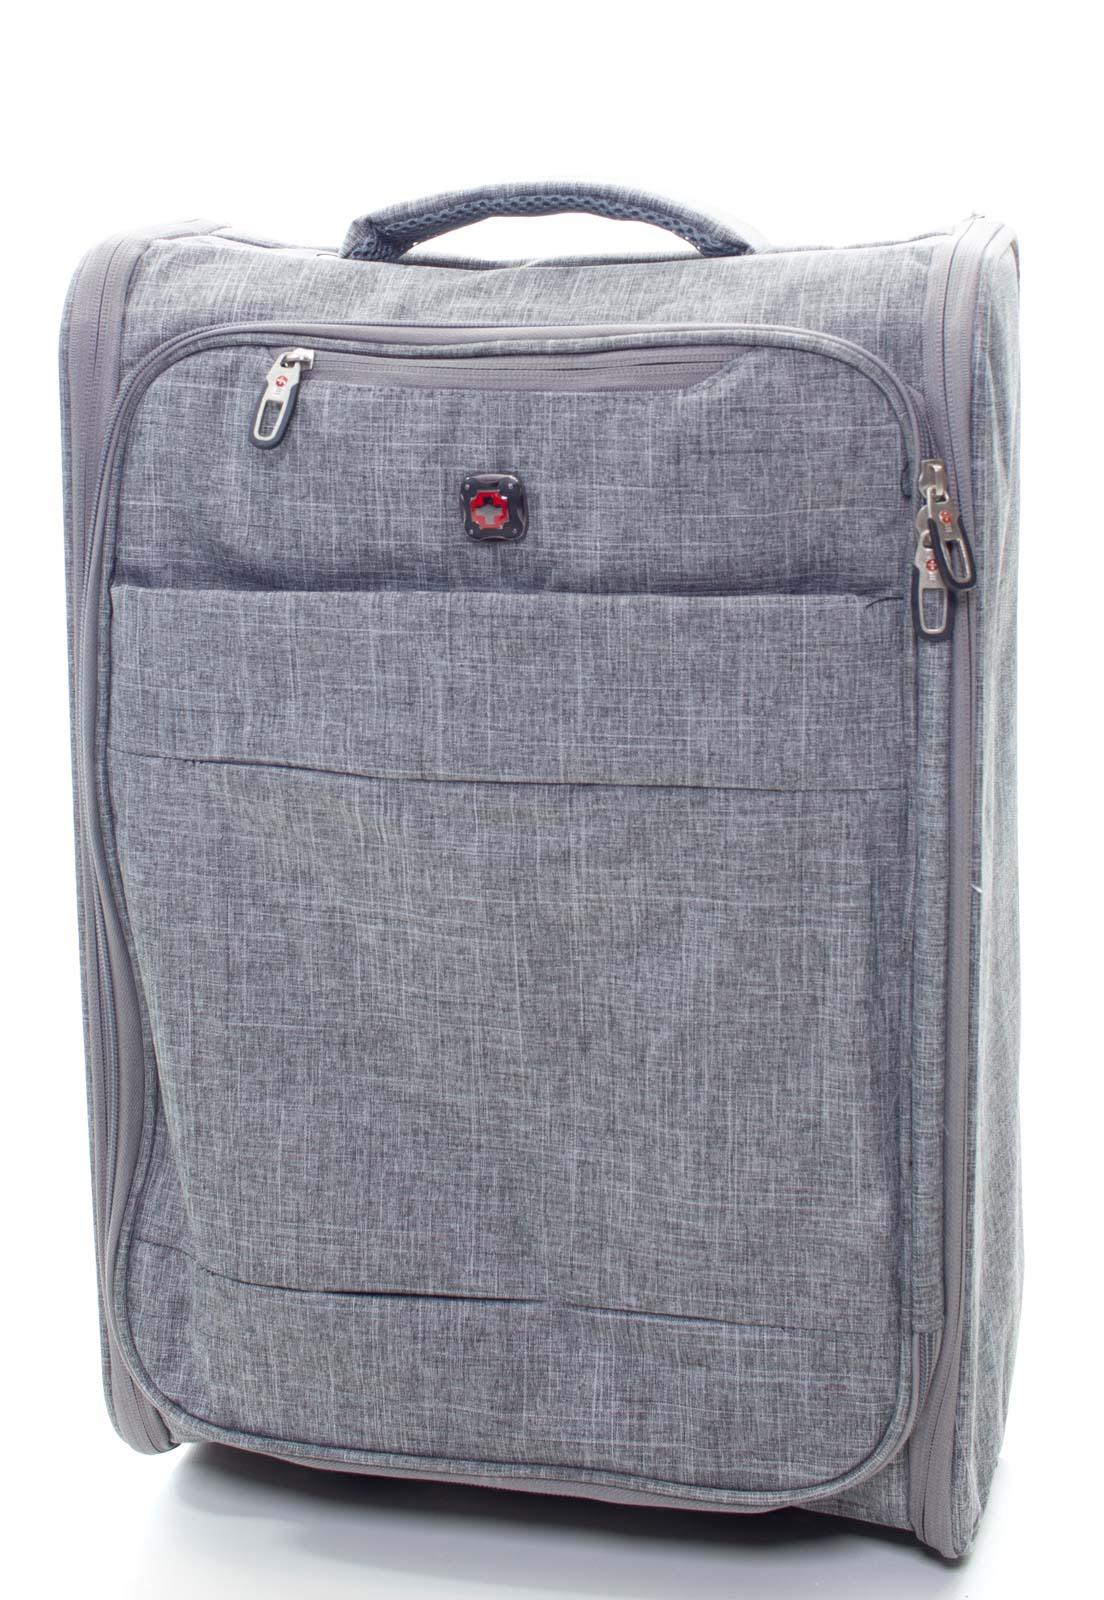 Mala De Bordo 10 kg de Viagem Pequena Dobrável Swiss Global Bag - 47623  - CROCKER JEANS